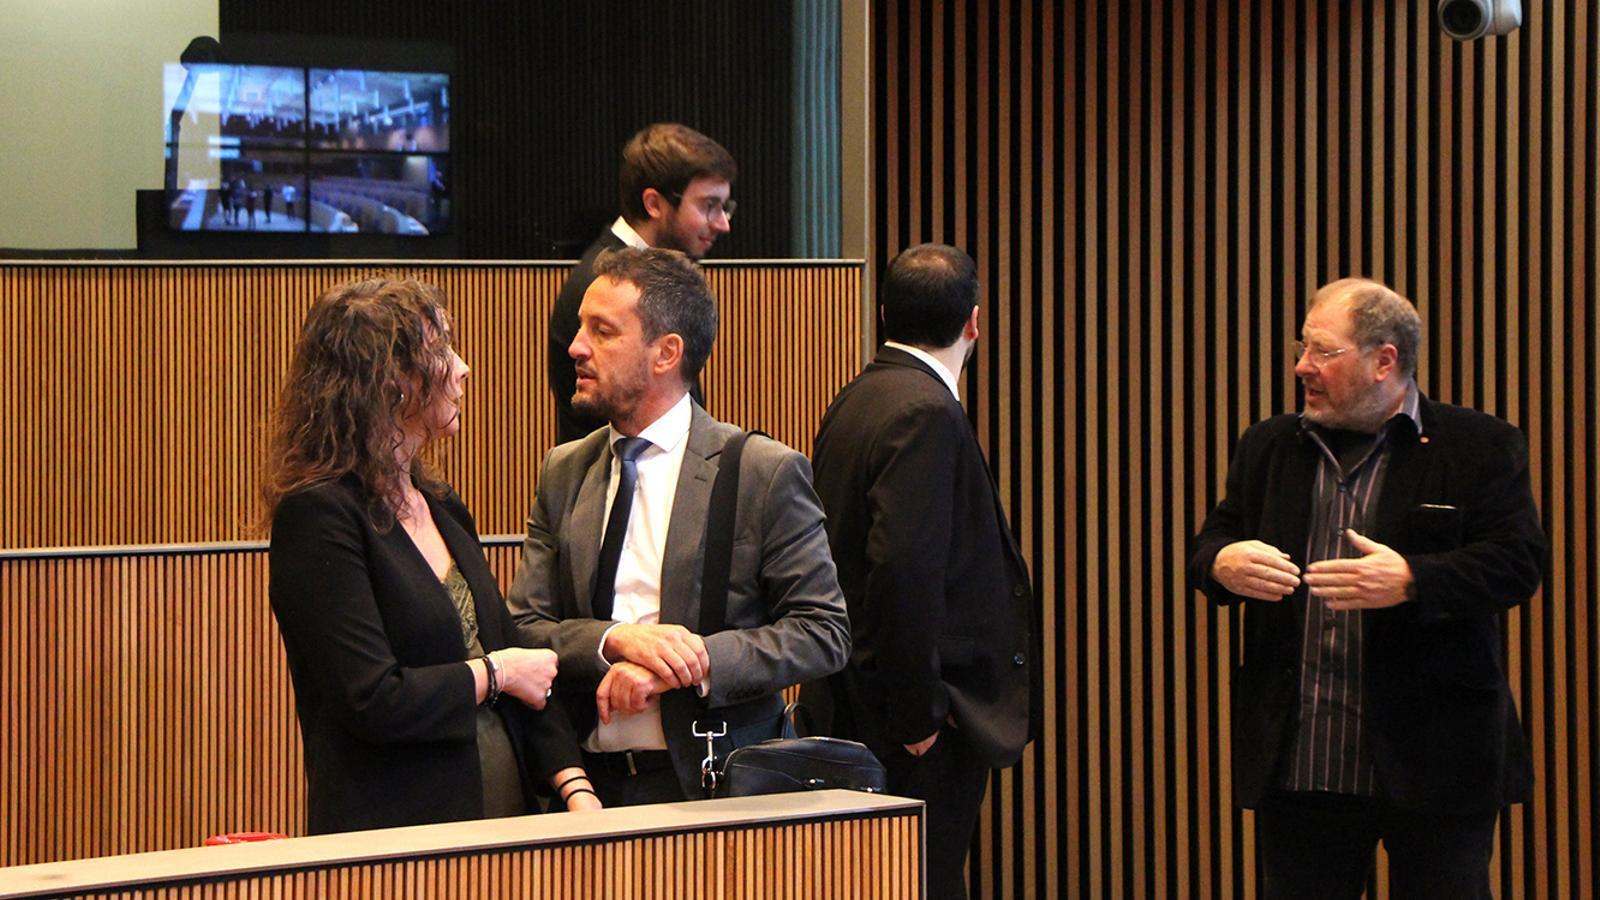 Consellers del grup parlamentari socialdemòcrata moments abans de la sessió de Consell General. / M. F. (ANA)